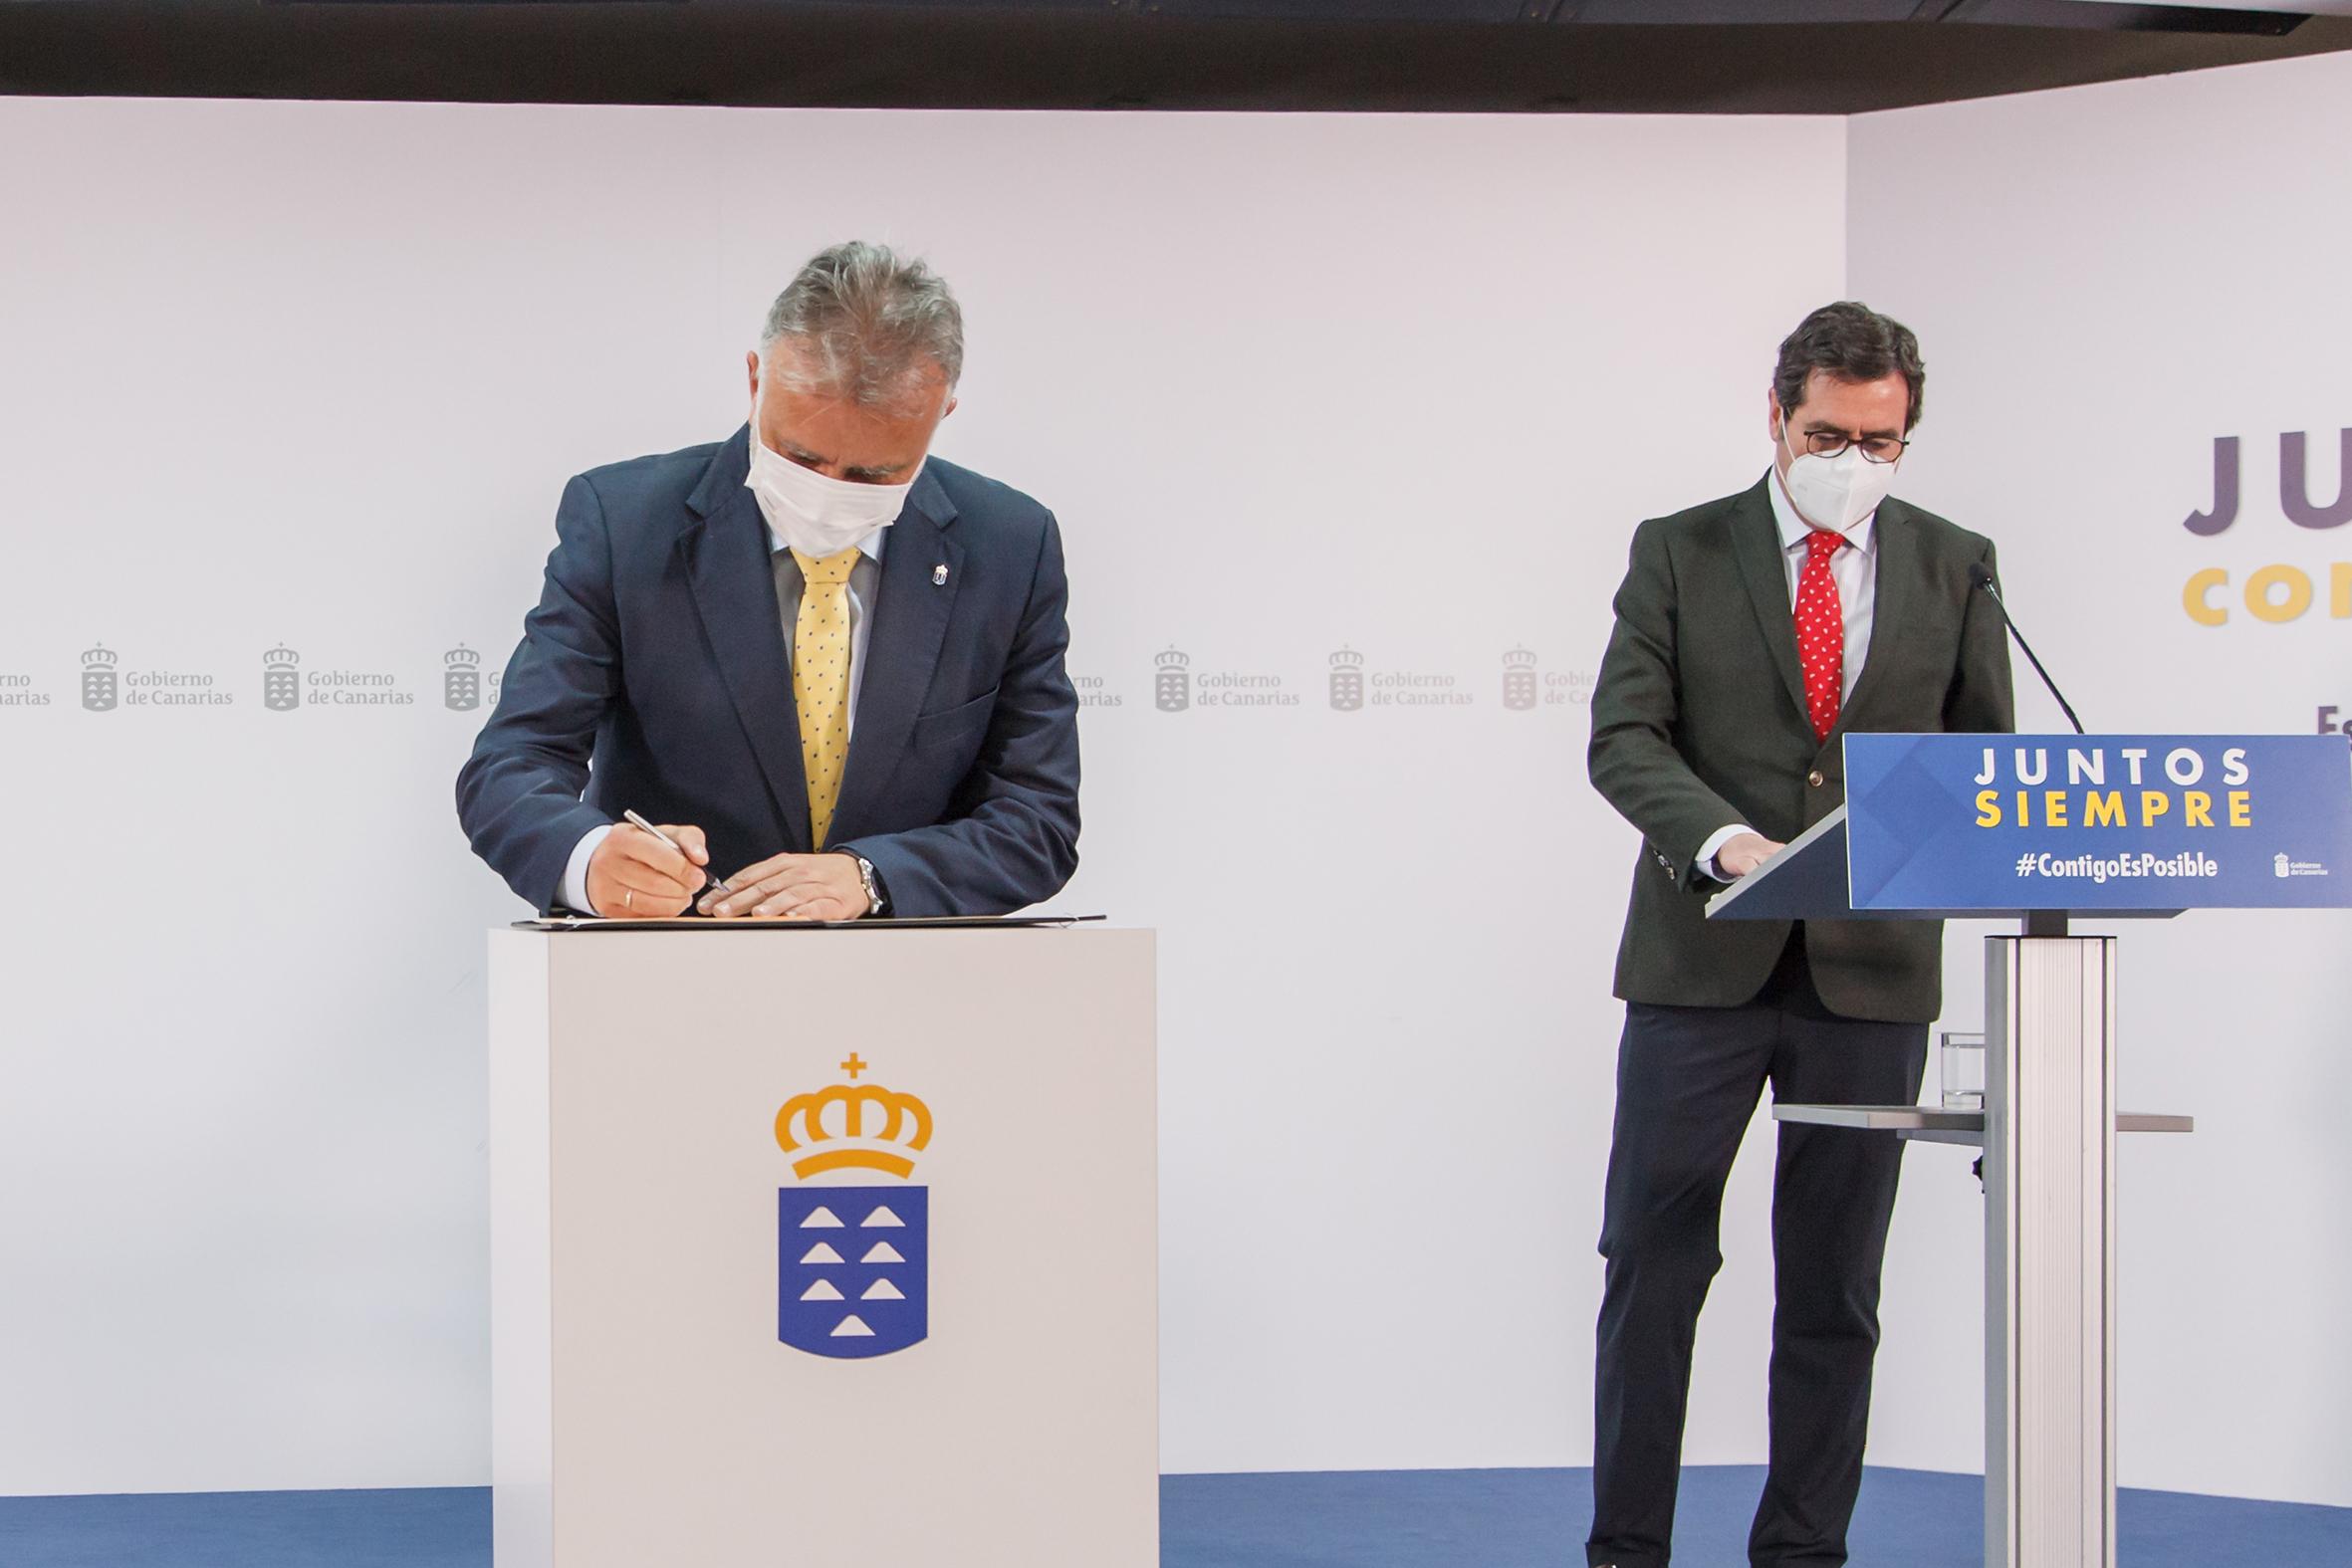 El Gobierno de Canarias firma con la Fundación CEOE el acuerdo de adhesión al 'Plan Sumamos Salud+Economía'